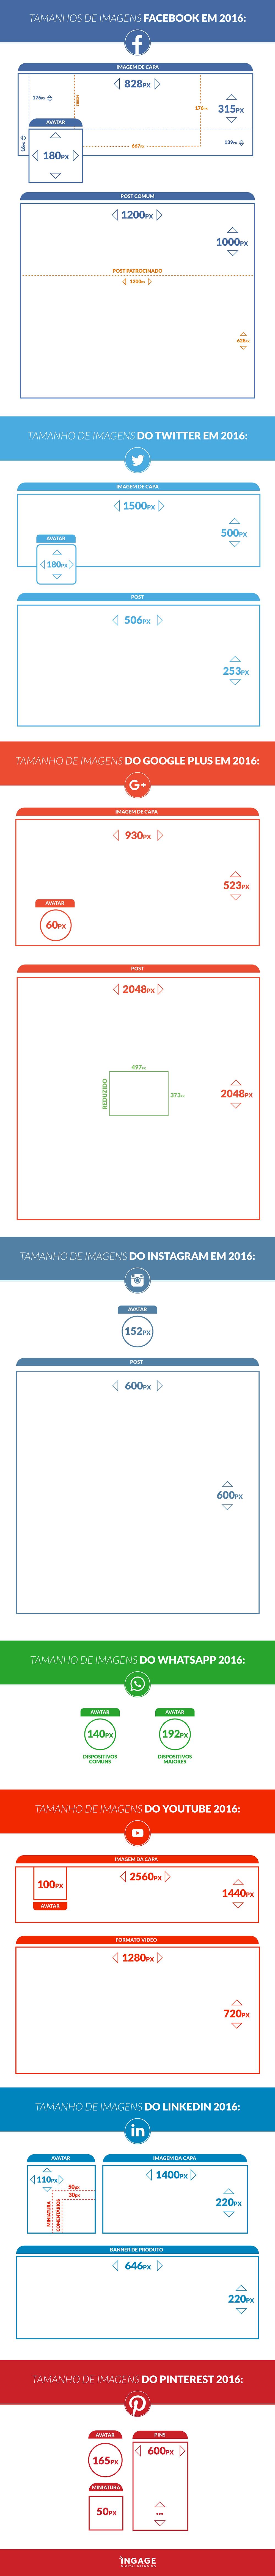 Tamanhos de Imagens de Todas as Redes Sociais 2016: Capa, Perfil, Avatar